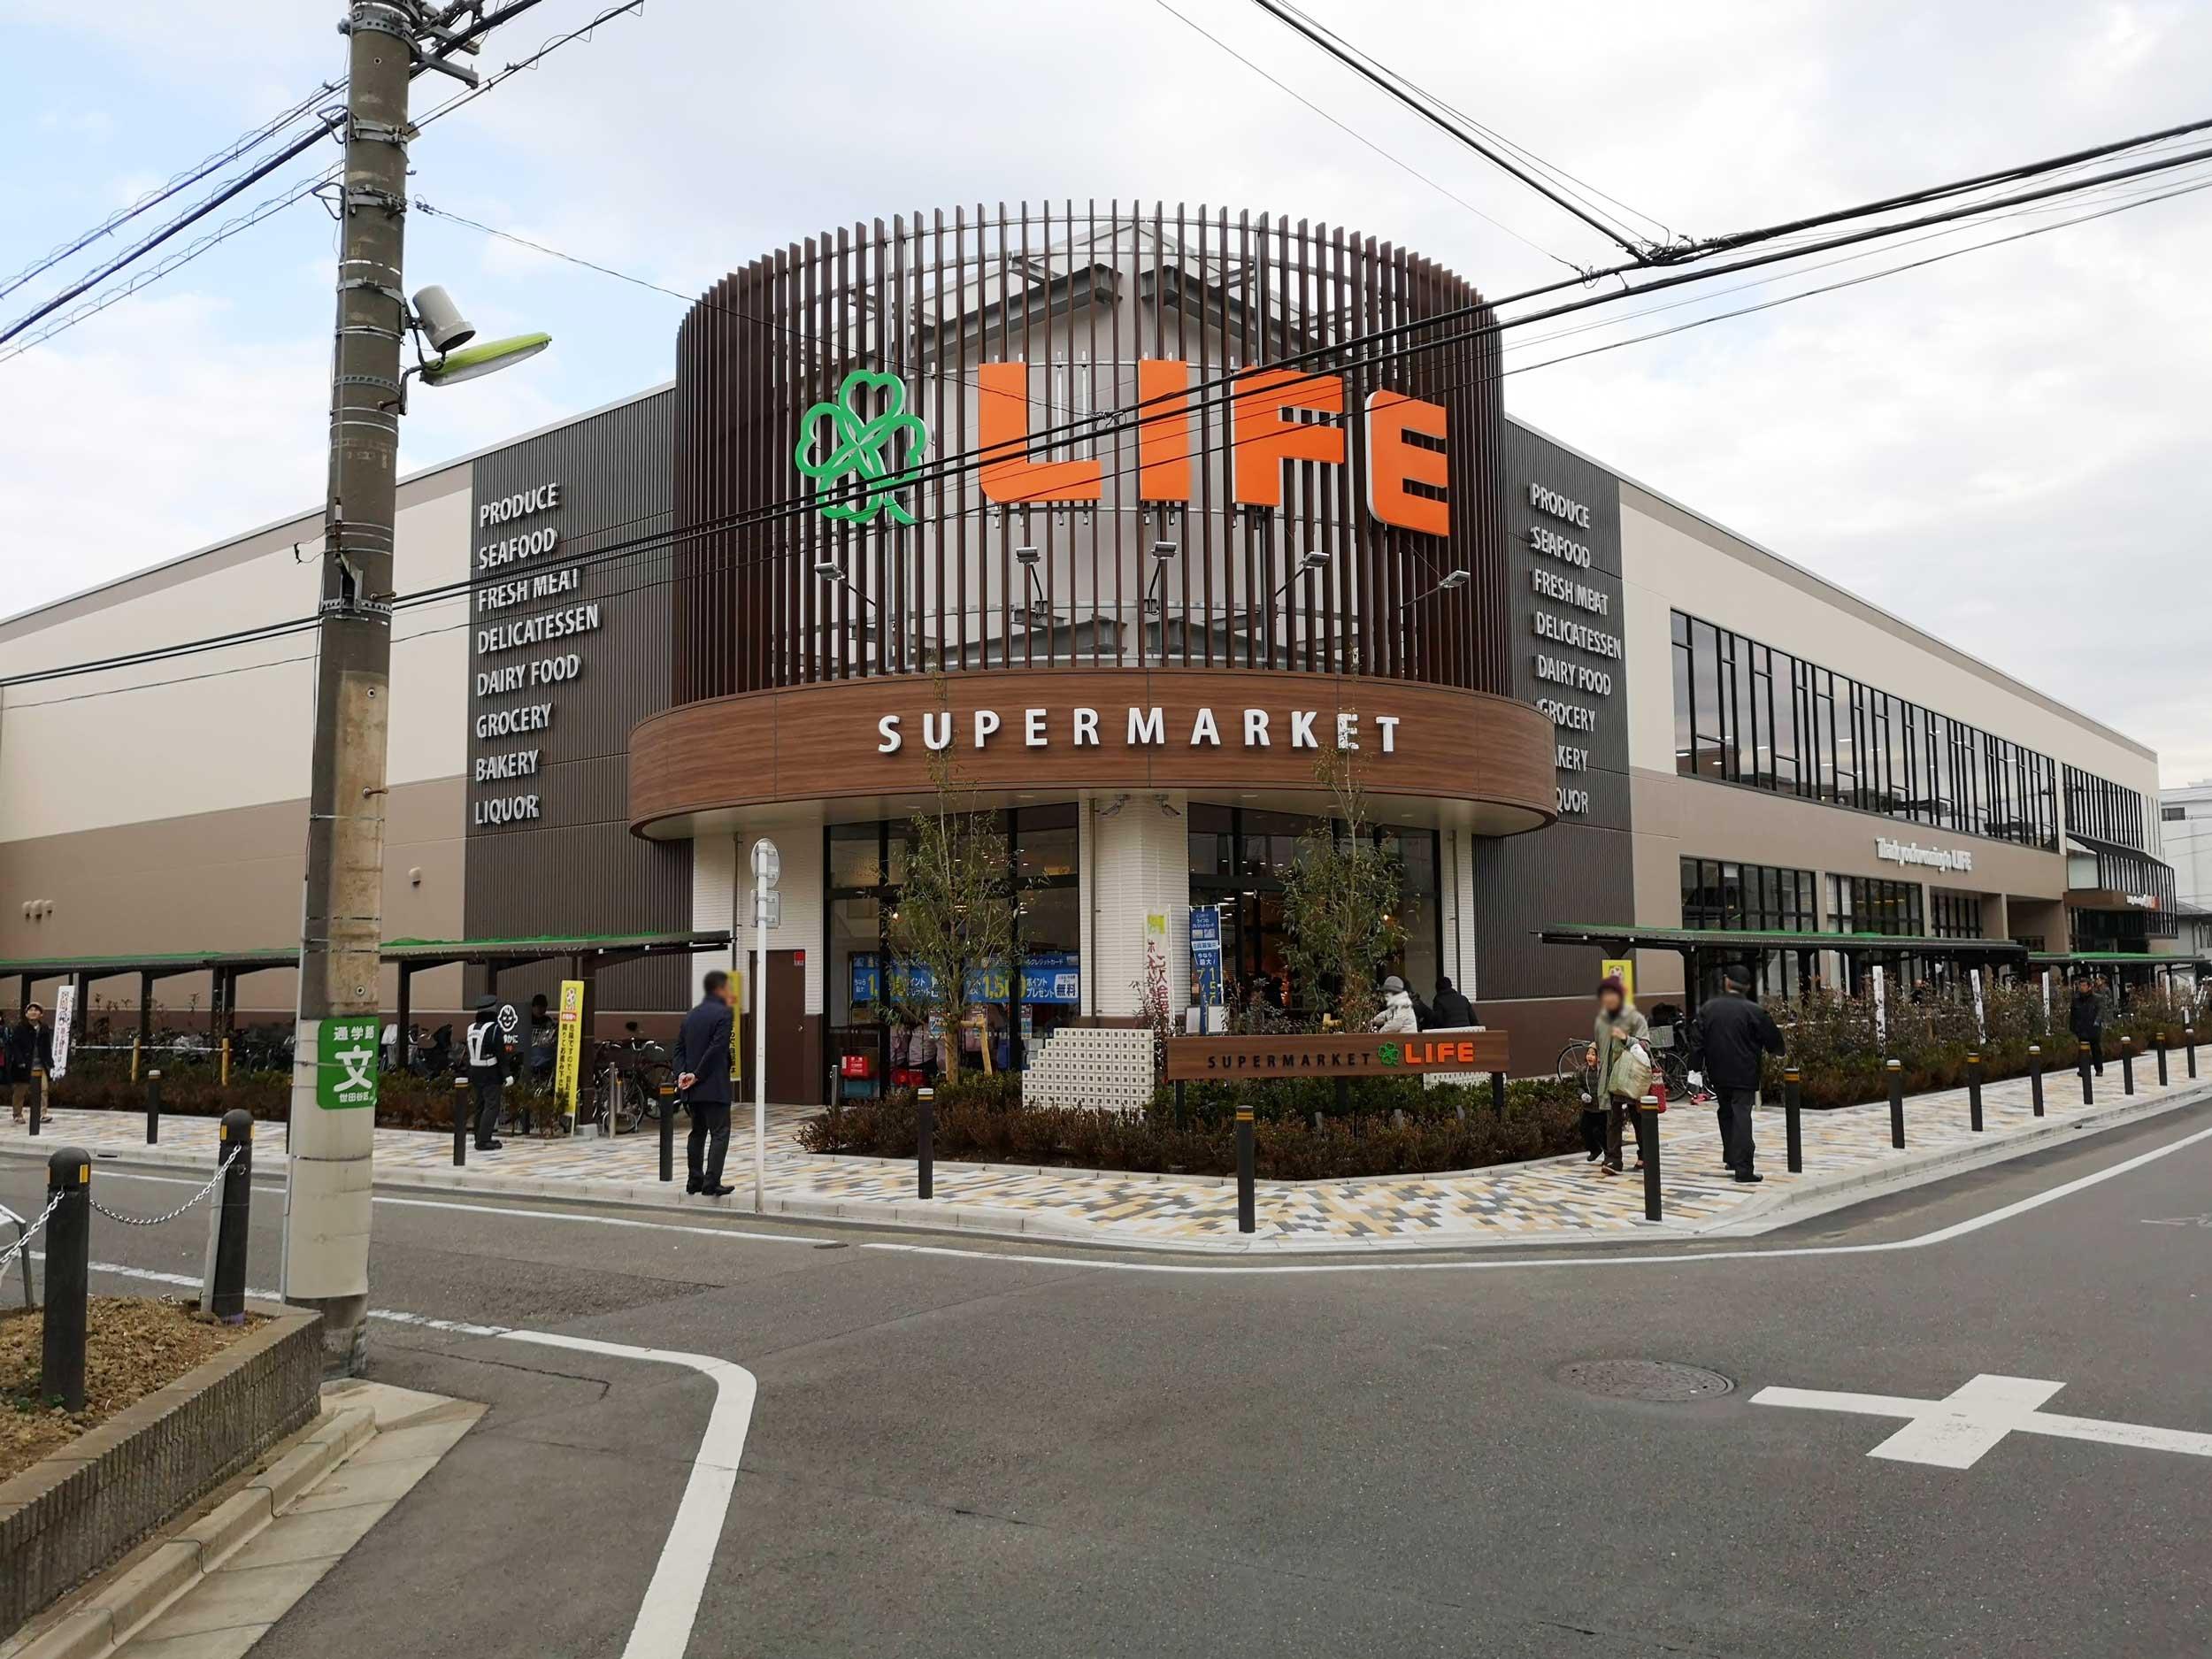 世田谷の桜新町に旗艦店がオープン!「ライフ桜新町店」に行ってみた